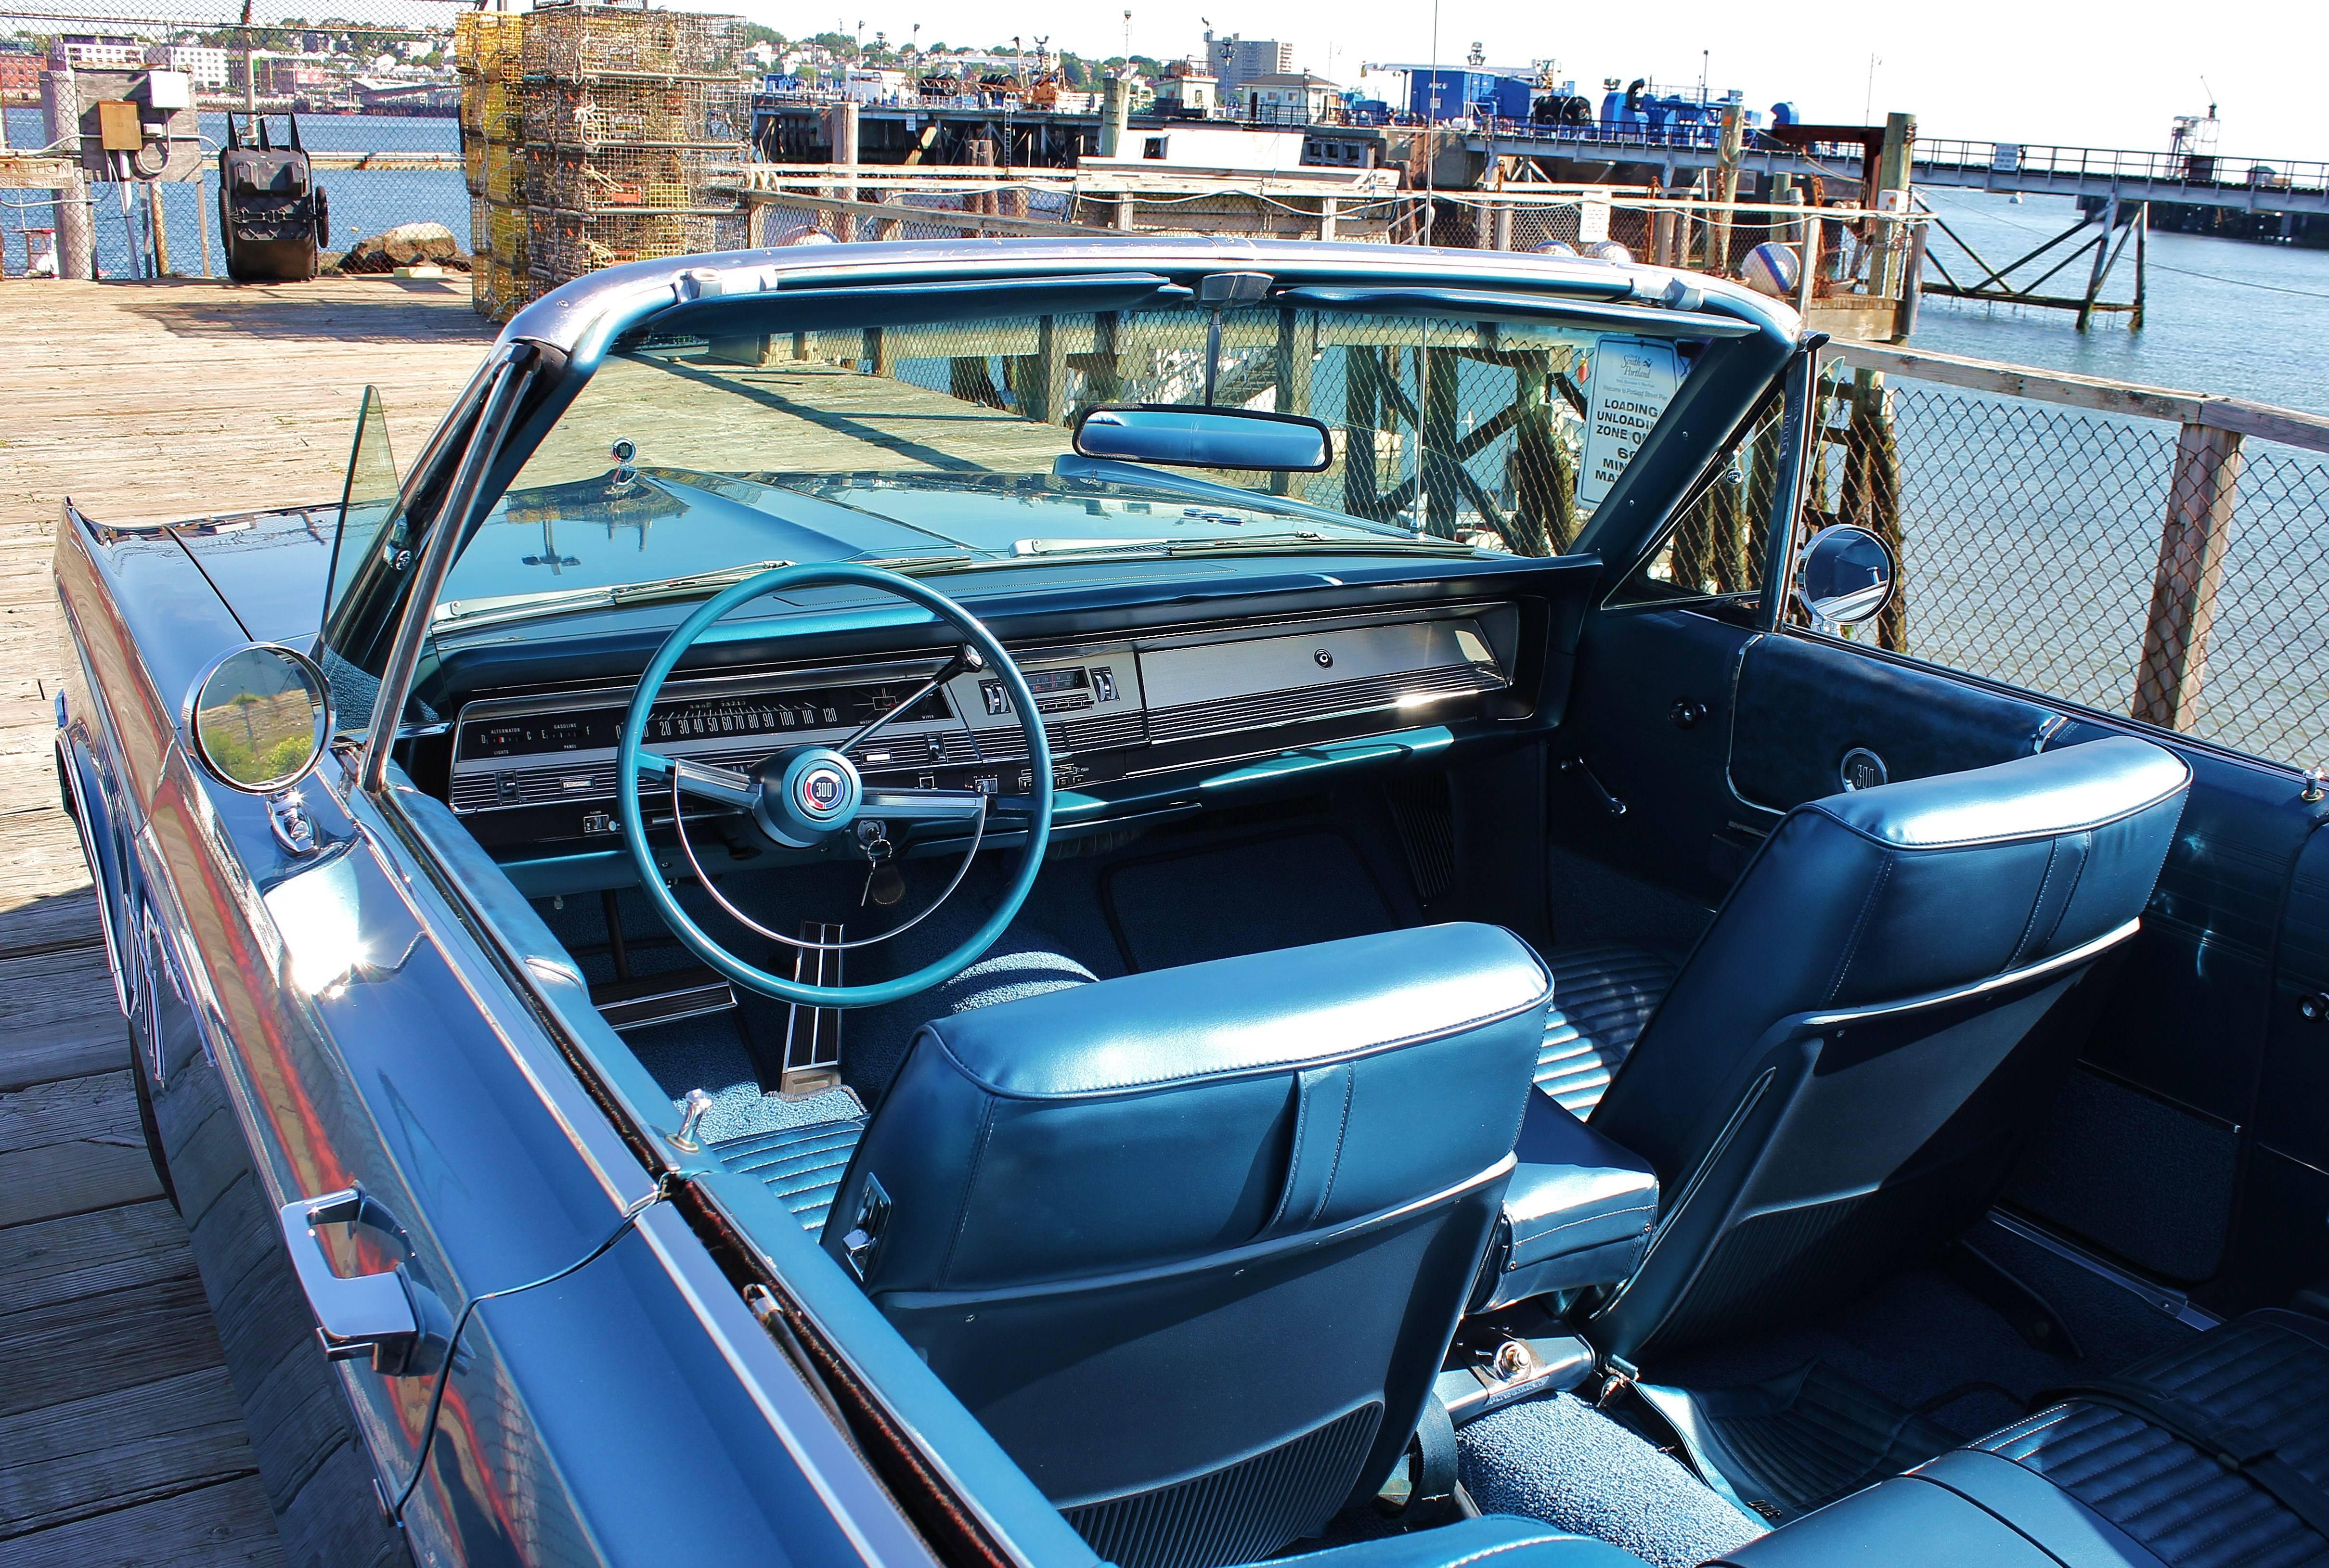 1968 chrysler 300 morning dock 12.JPG